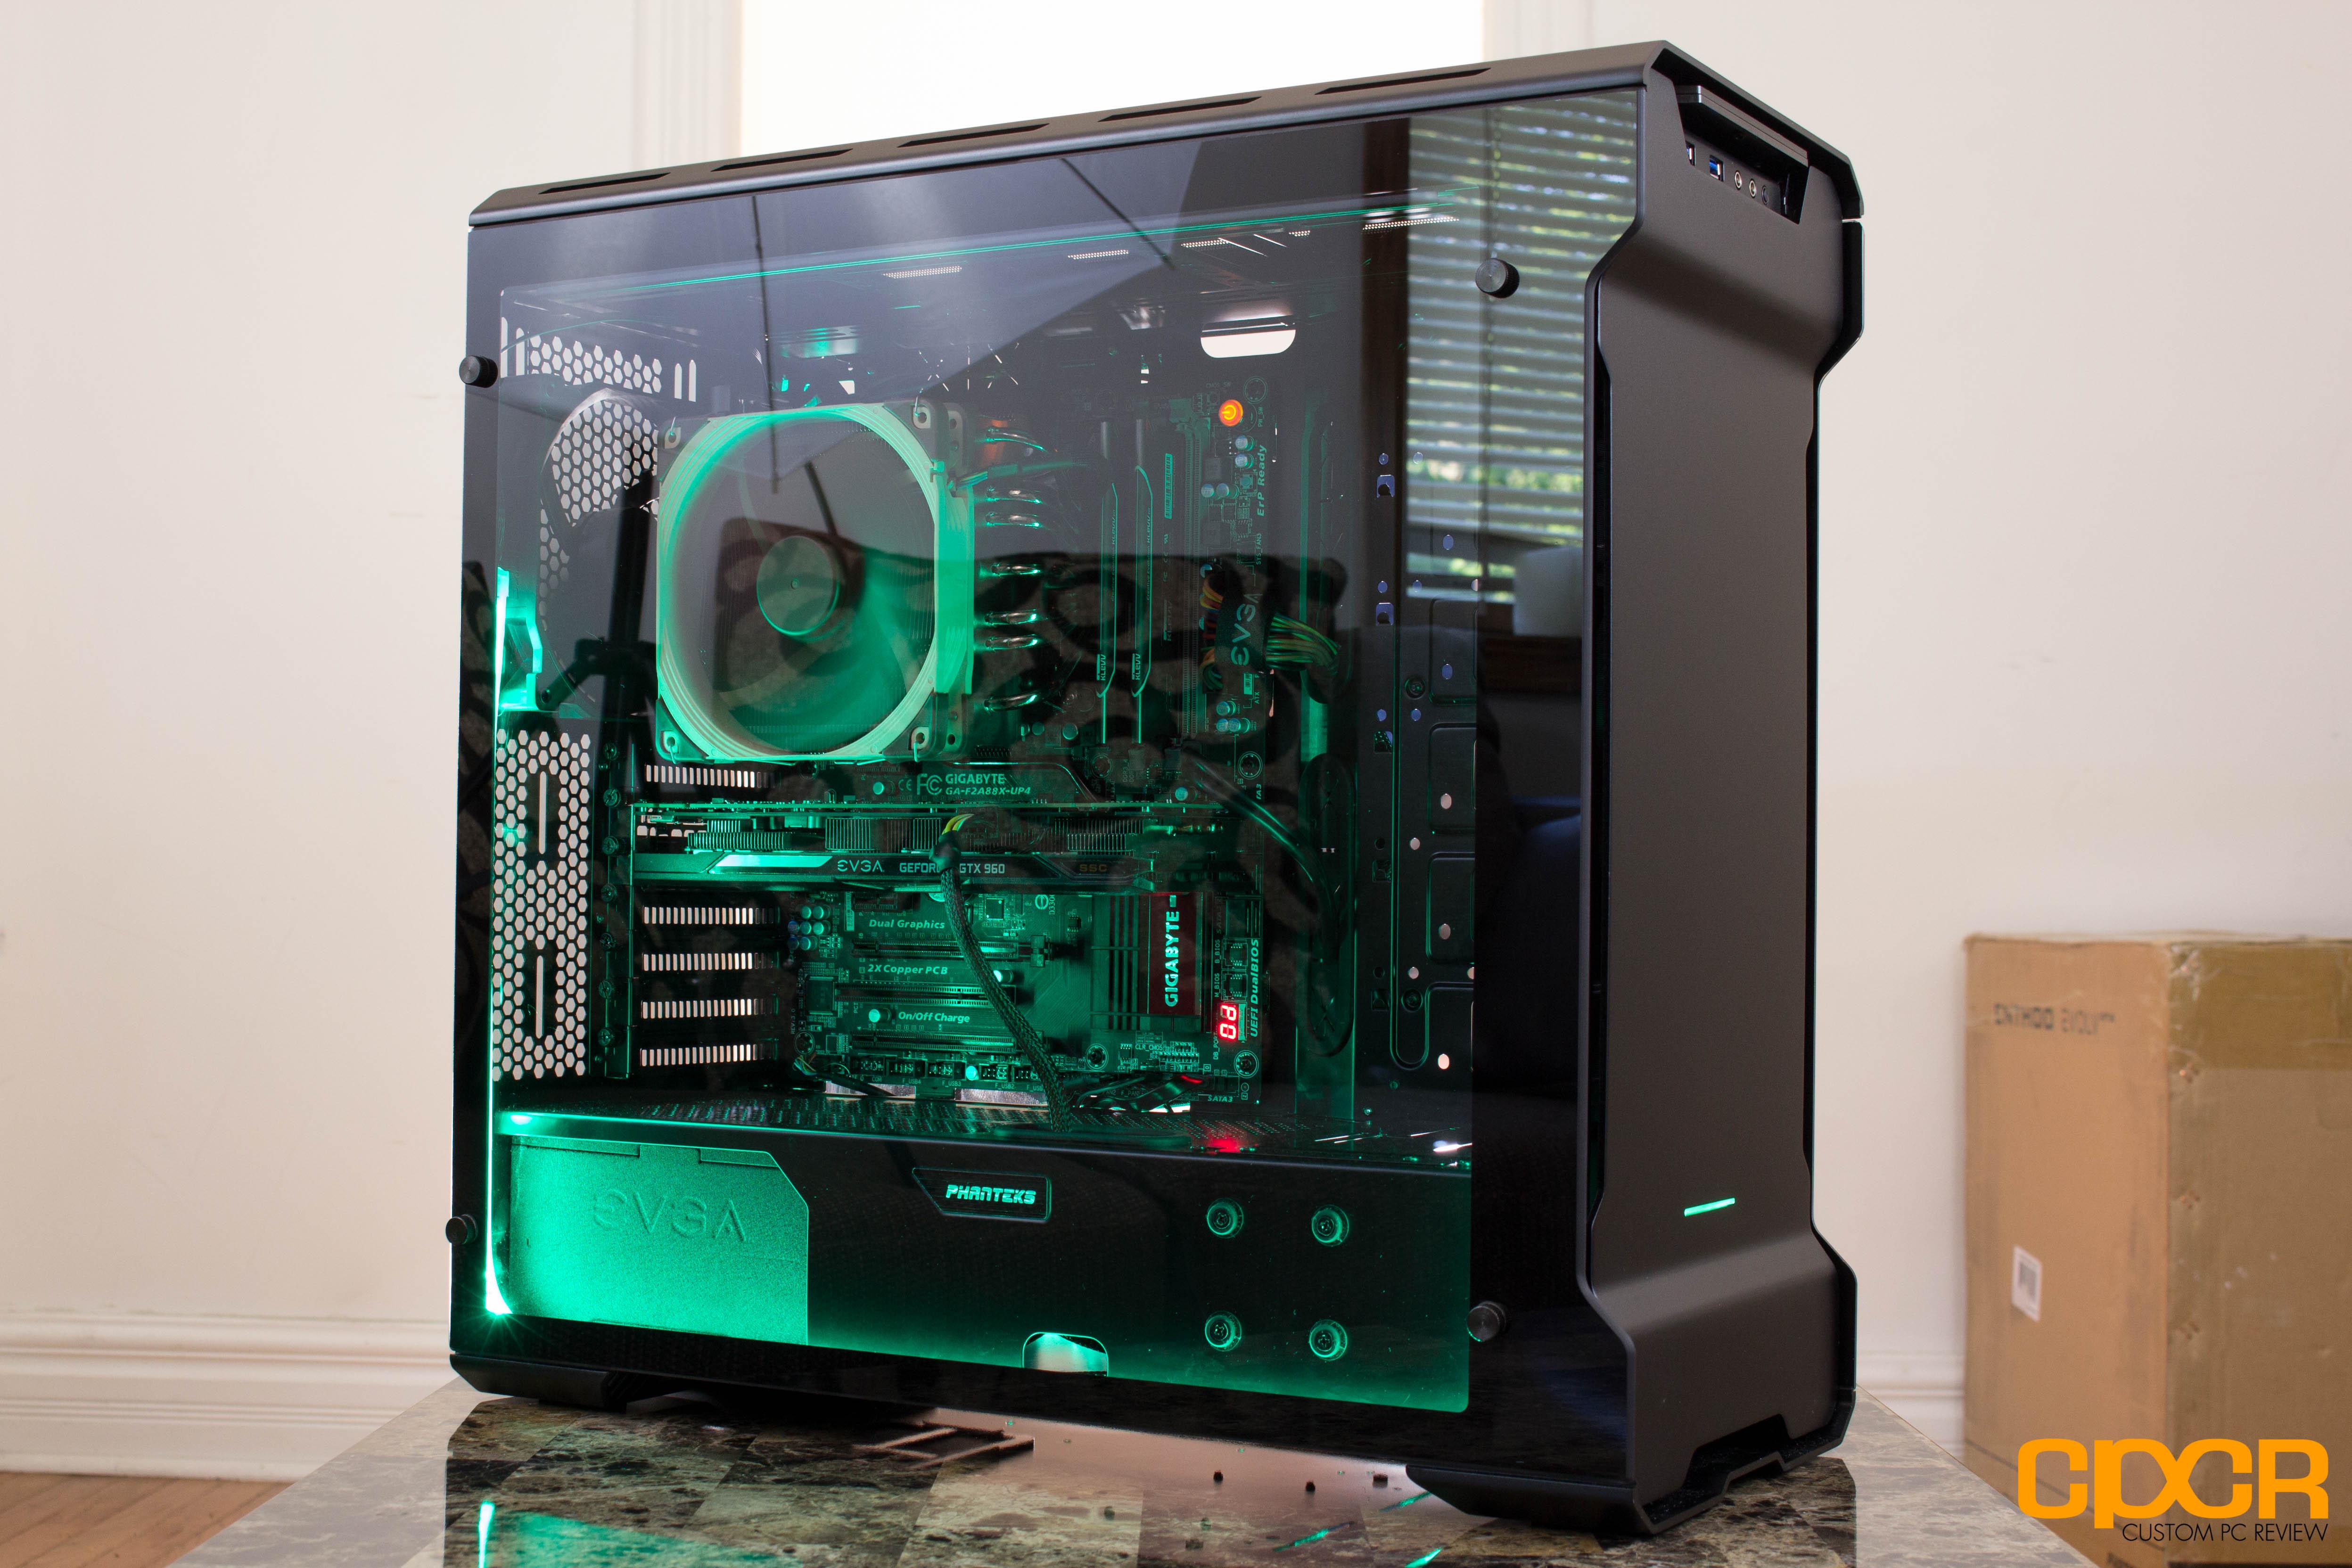 Phanteks Enthoo Evolv Review Tempered Glass Atx Case